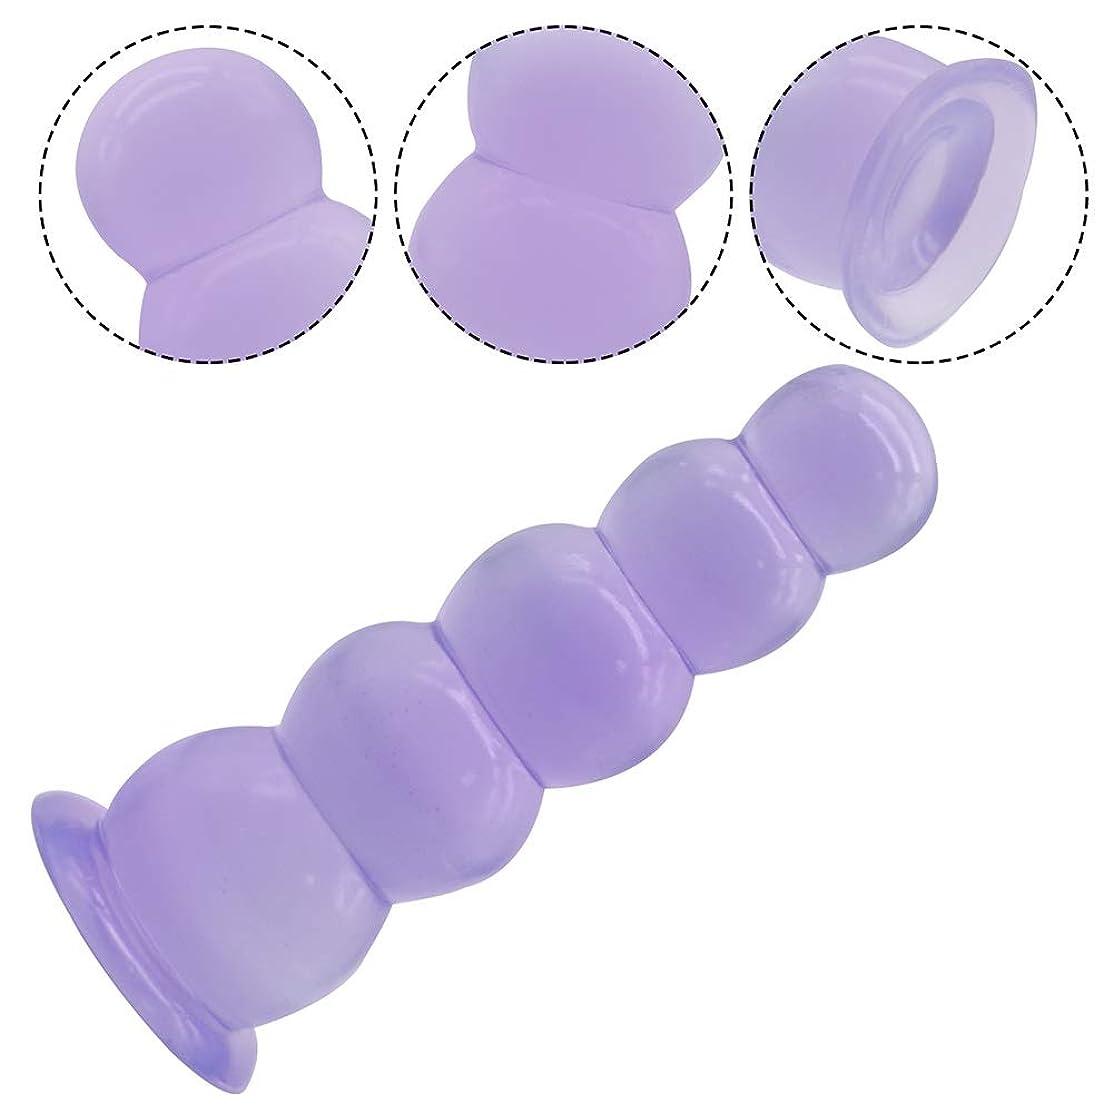 予防接種休眠明らかにする女性のための19 cmビーズ膣ボールシリコン玩具